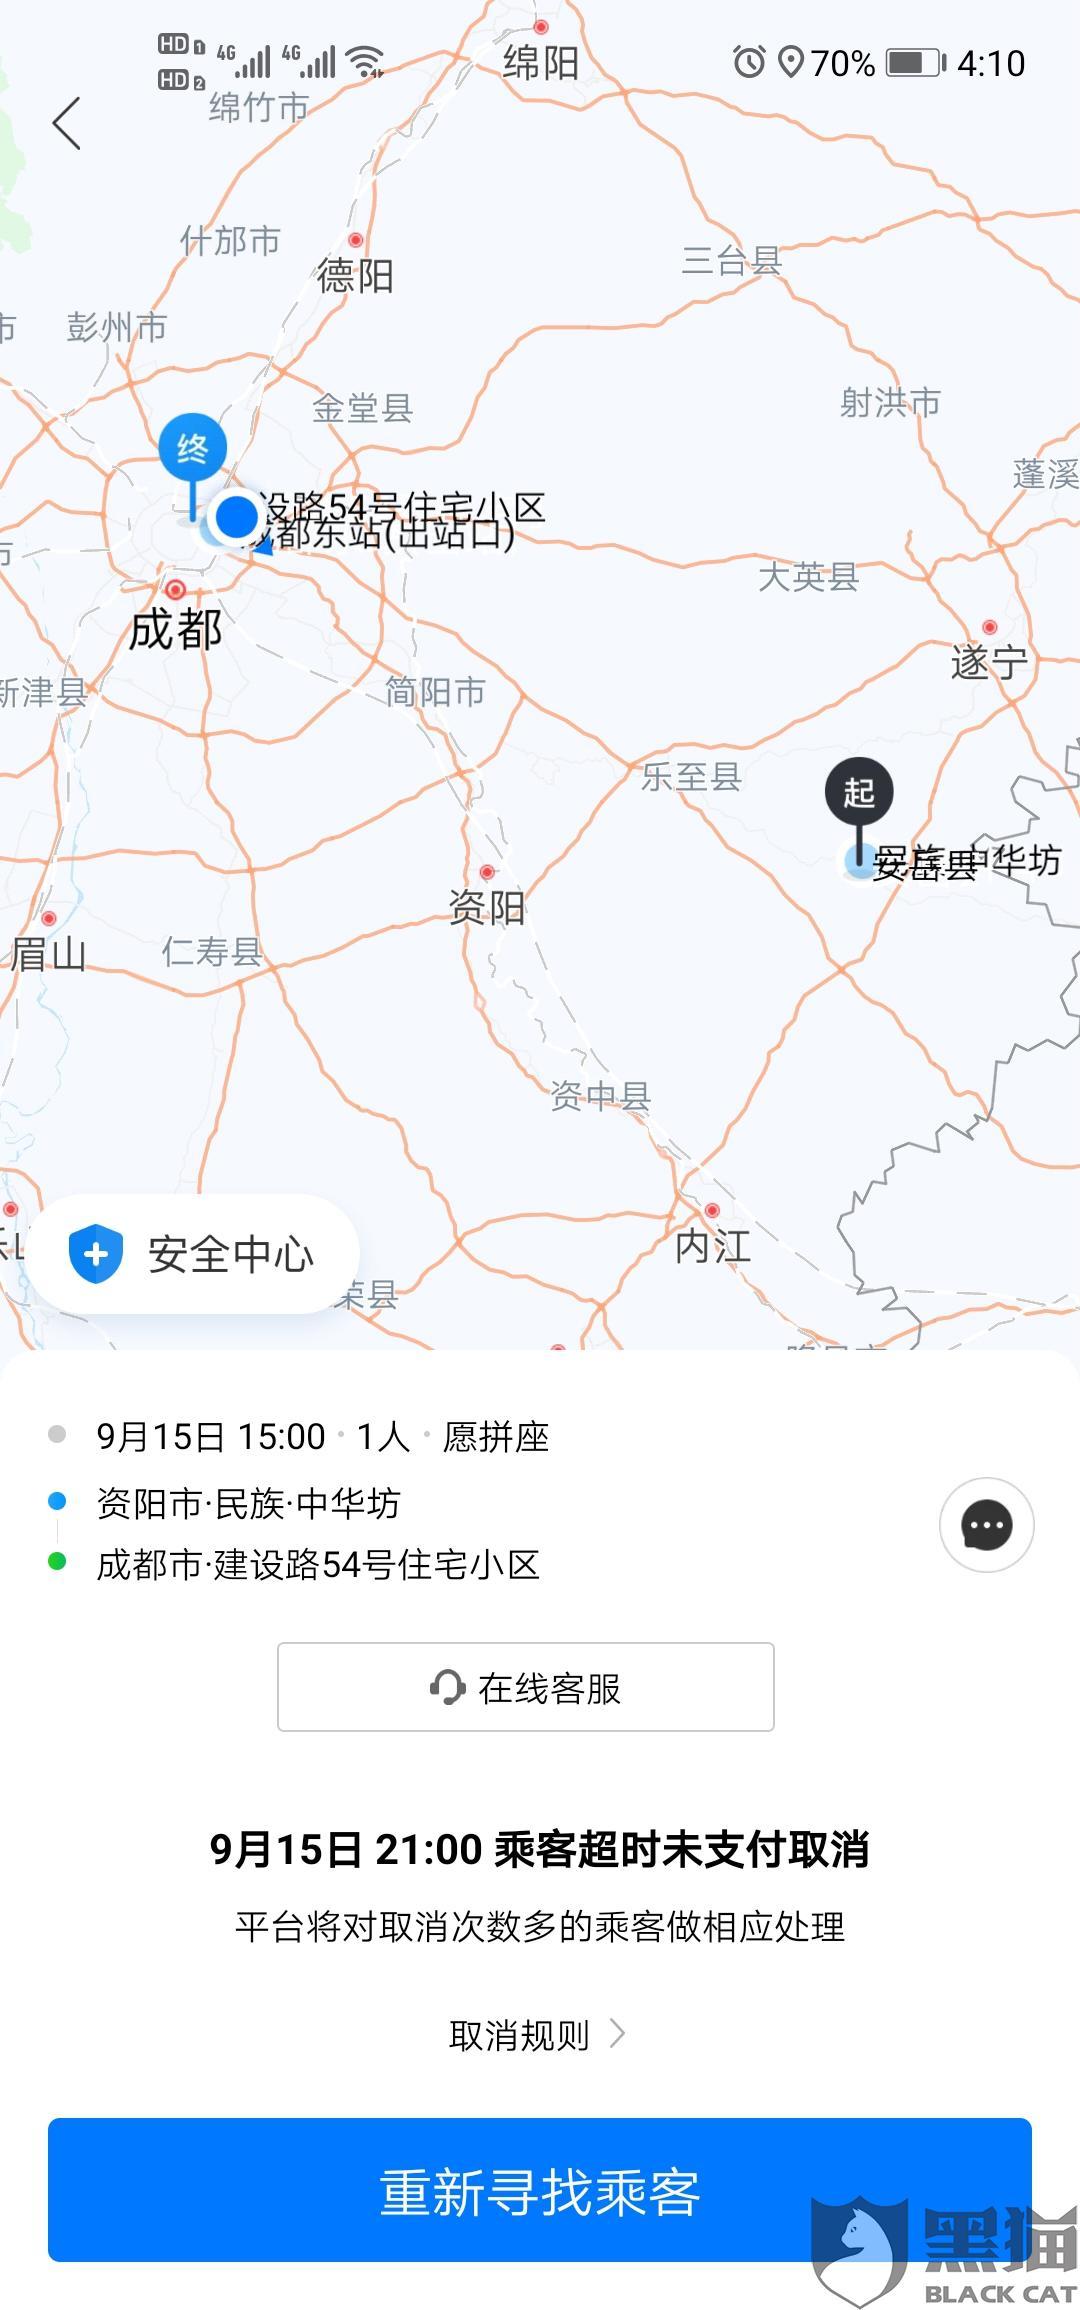 黑猫投诉:9月15我从安岳县接了一个到成都的顺风客,到达目的地时没收到费用打平台电话一直未